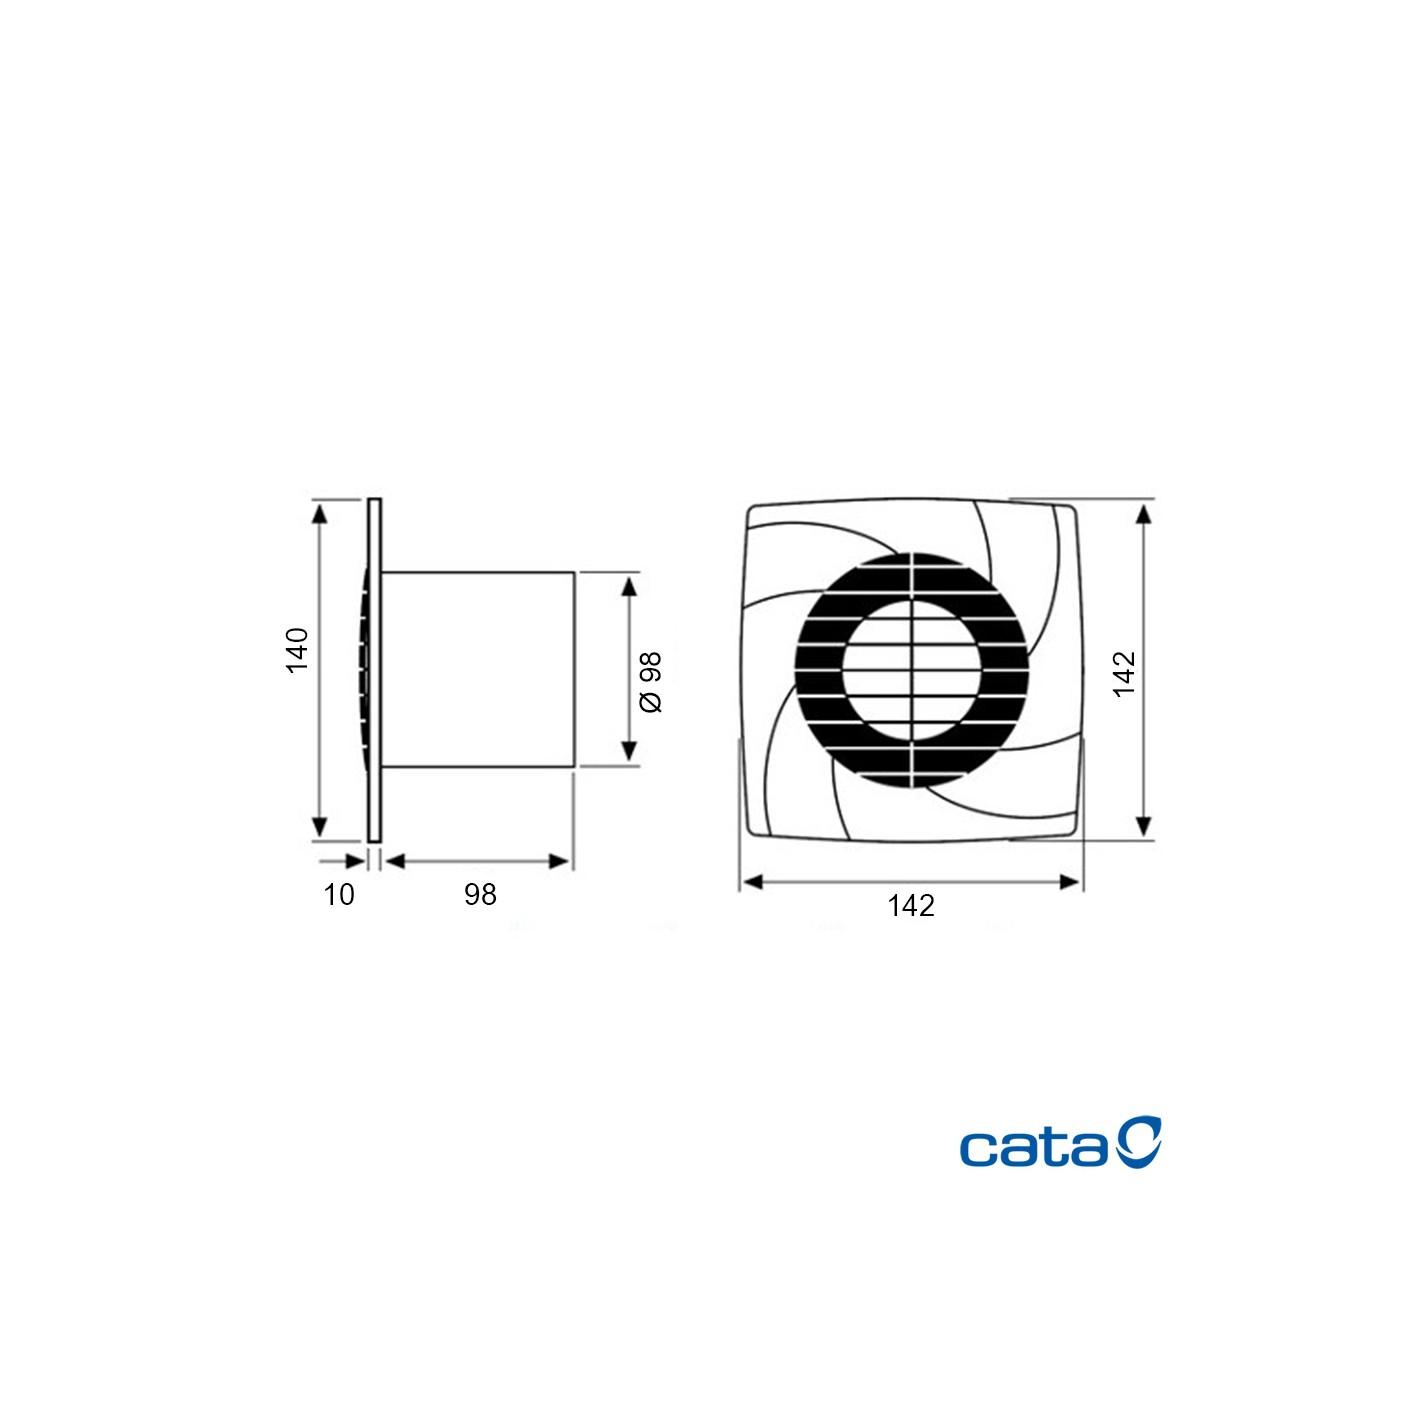 Extractor De Baño Para Indoor:CLIMATIZACIÓN > Extractores de baño > Extractor de baño Cata B10